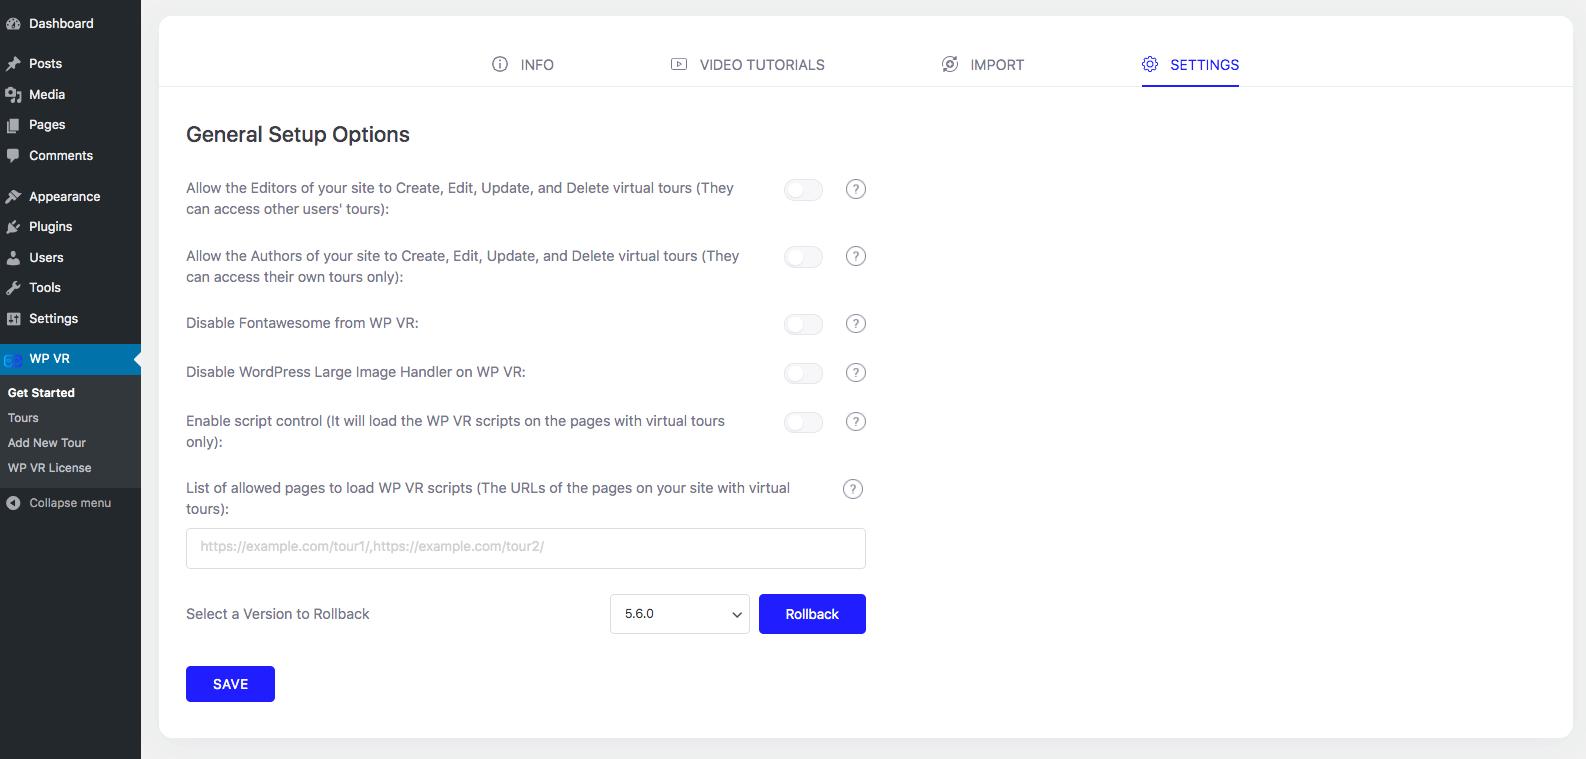 WP VR General Setup Options